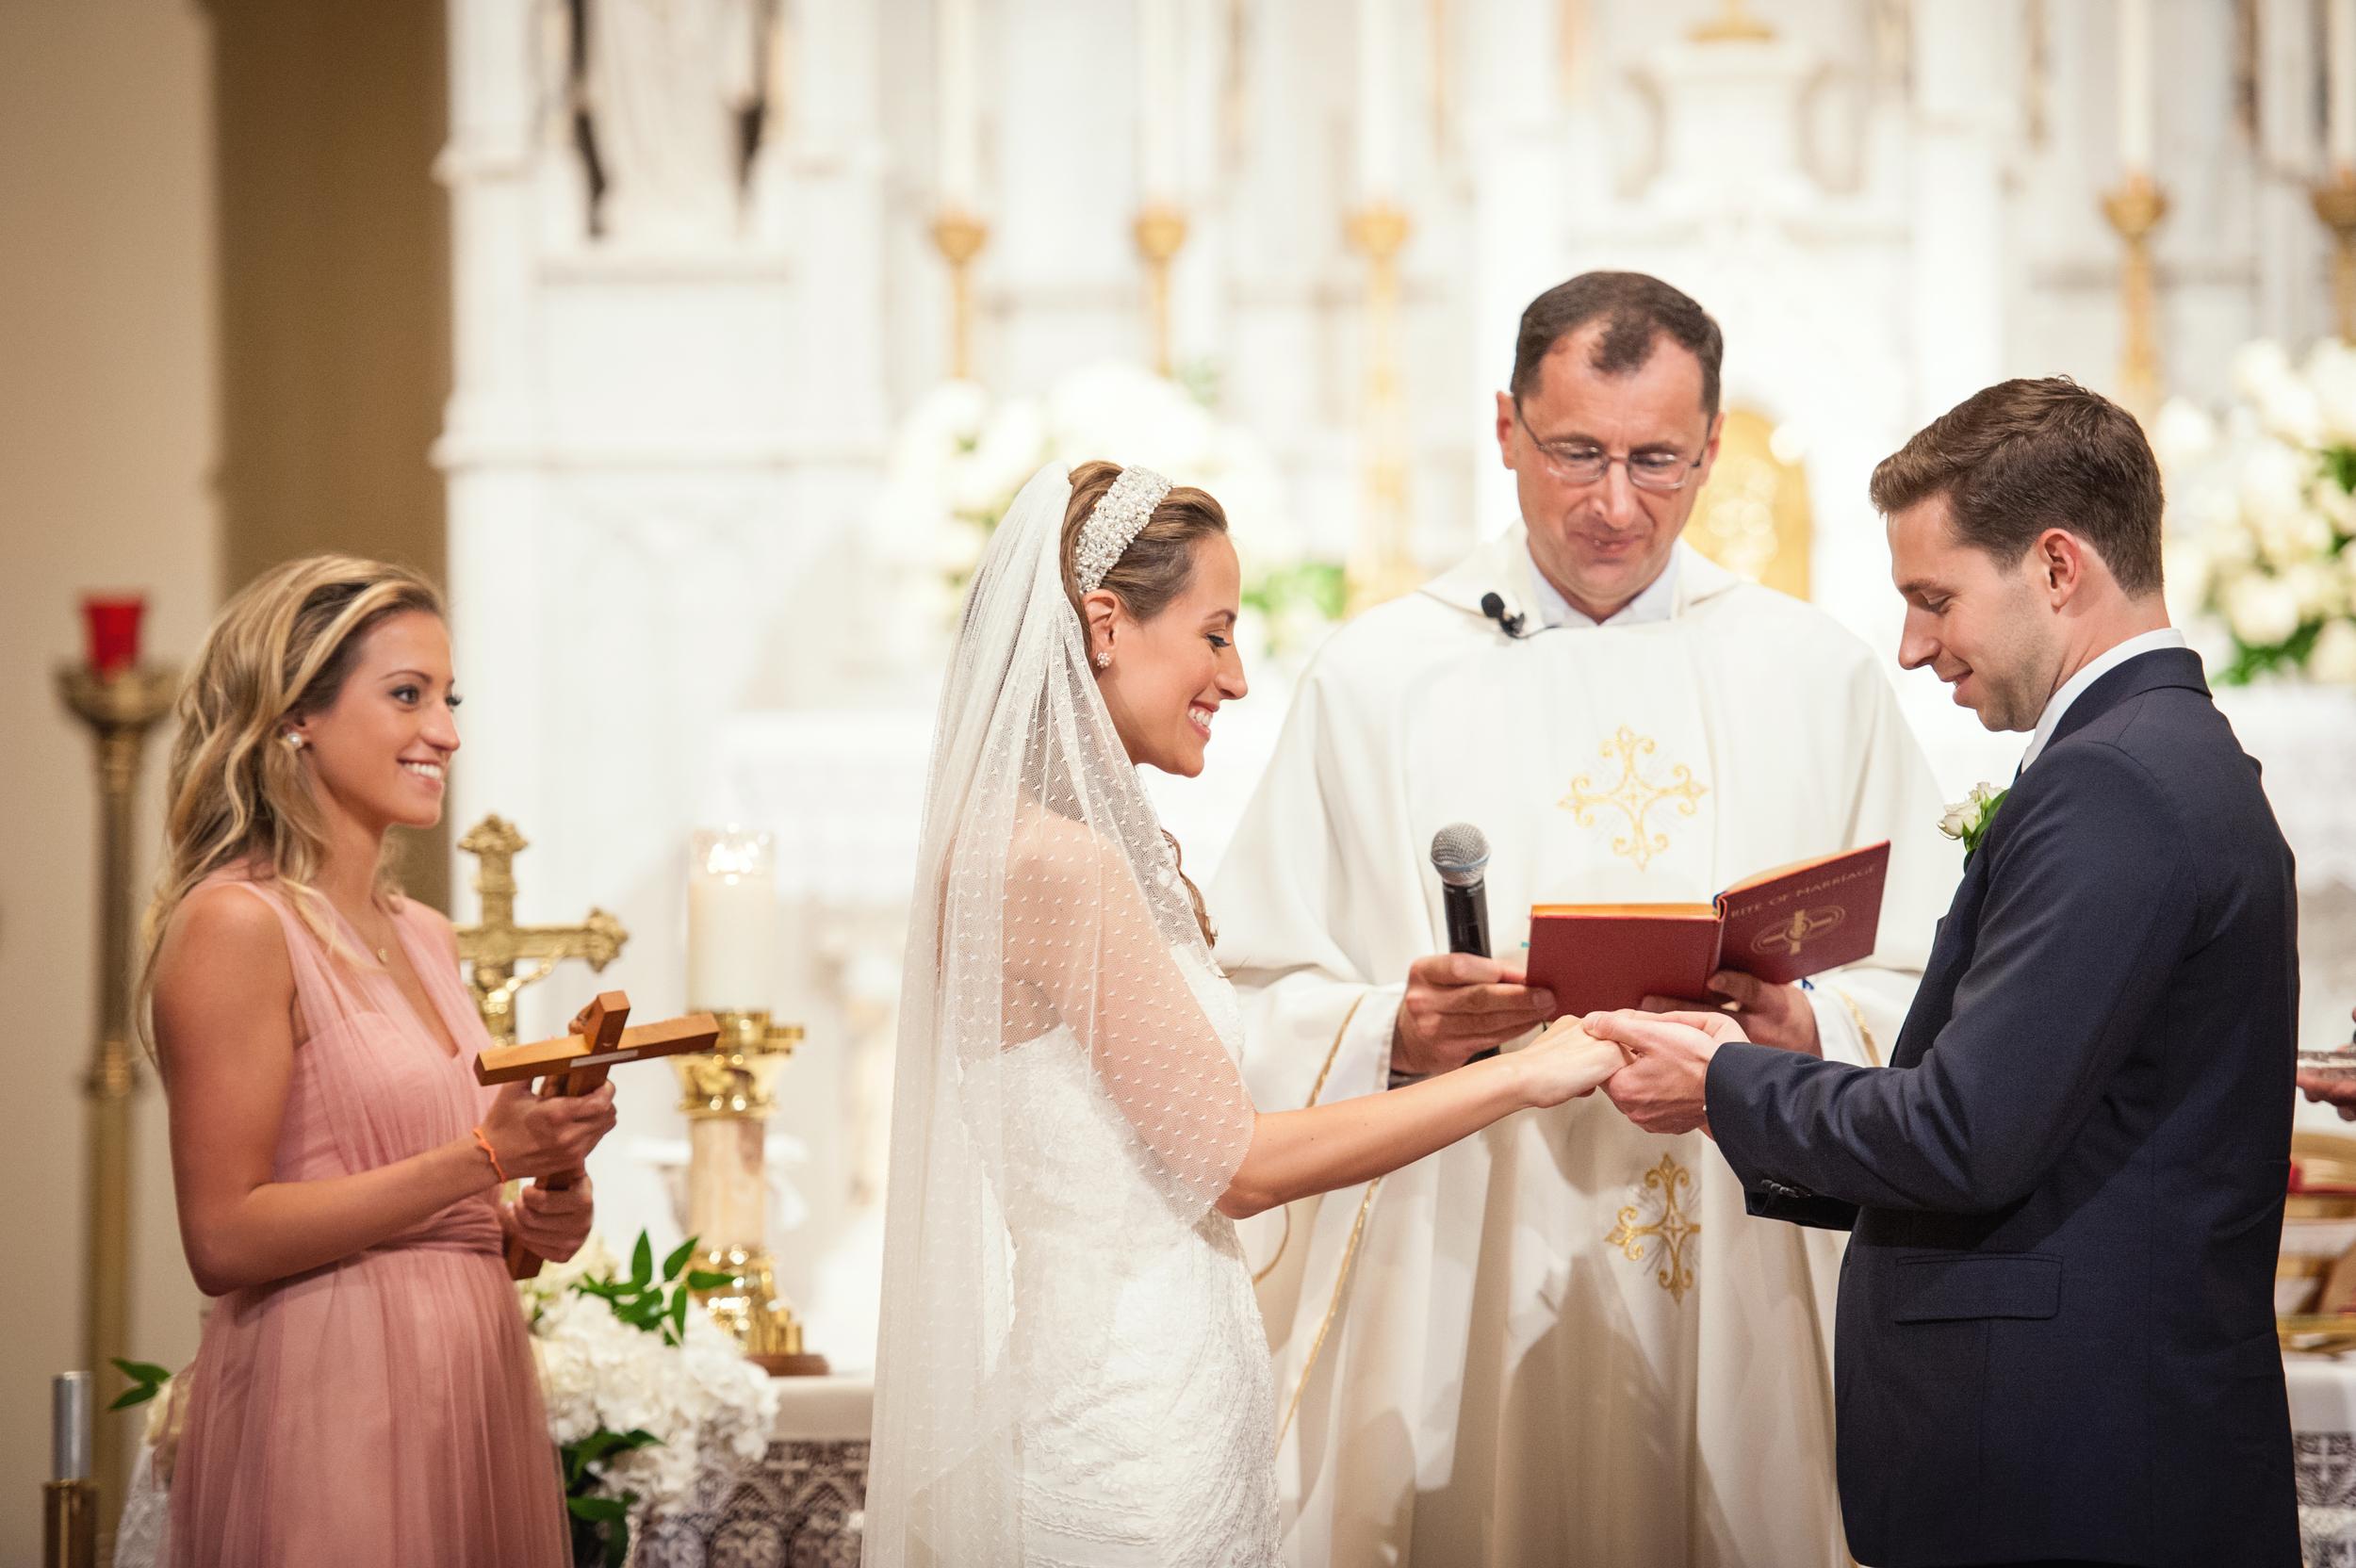 Prazmark_Wedding-29.jpg